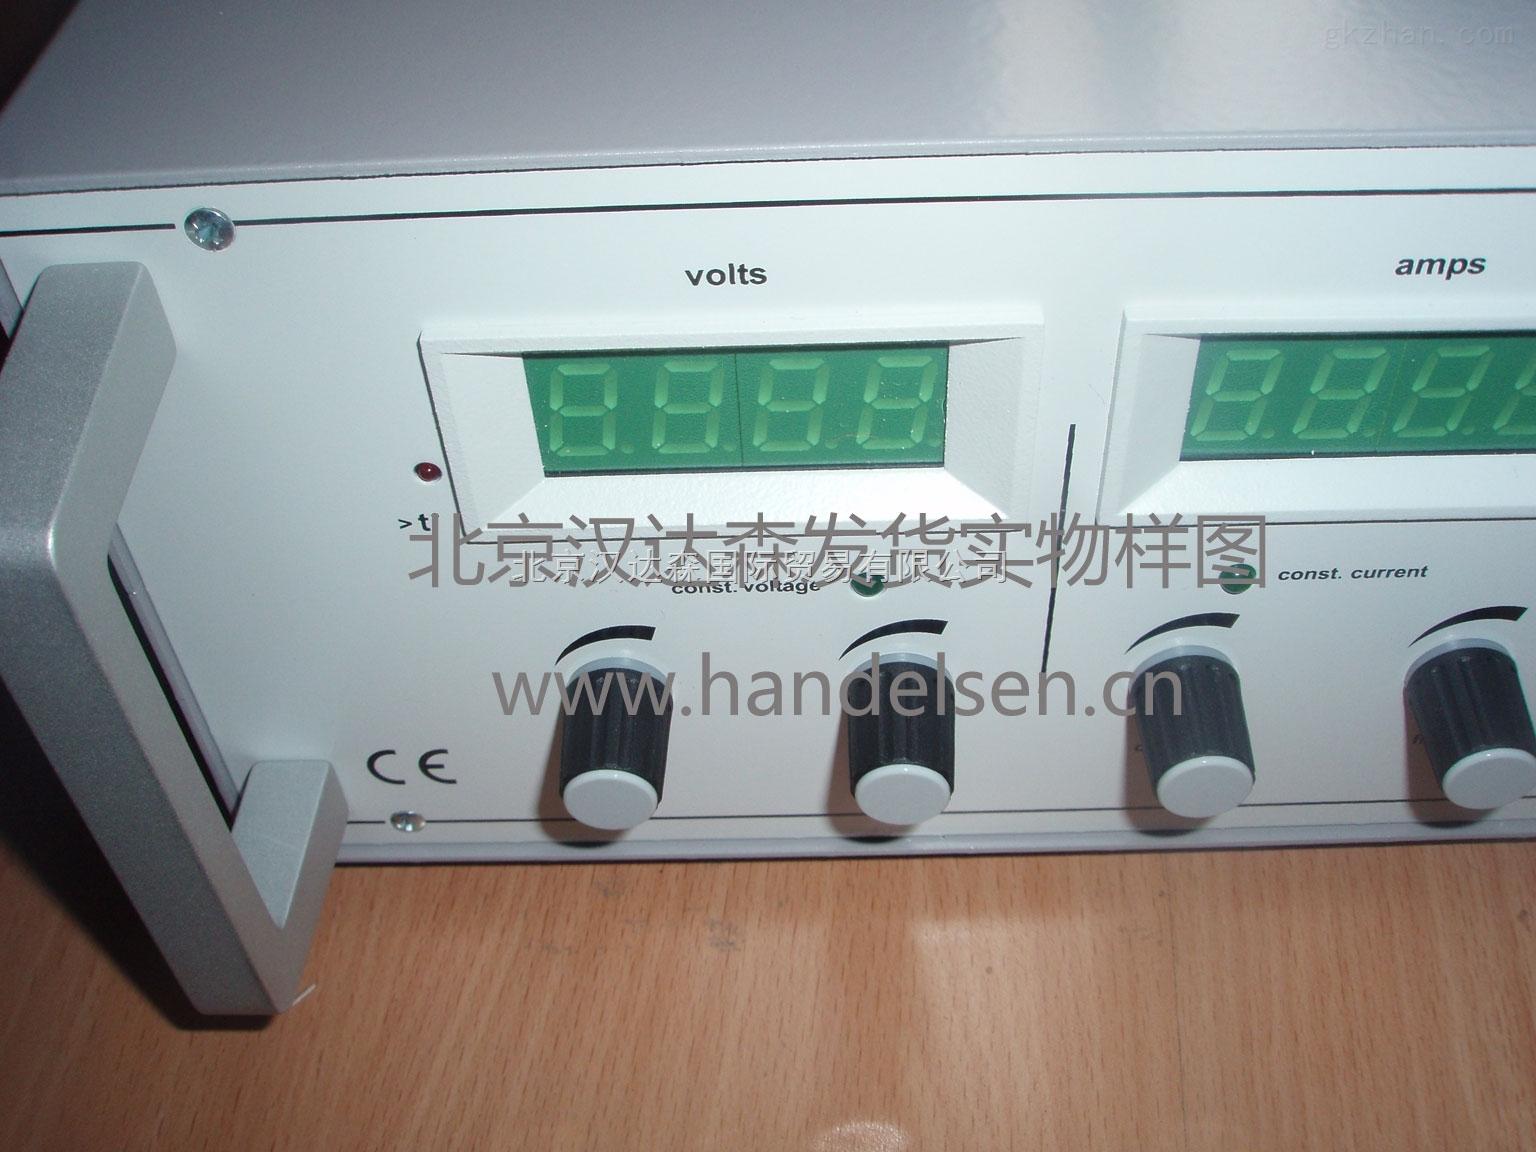 德国原厂Statron 0 - 72V / 0 - 20A电源汉达森